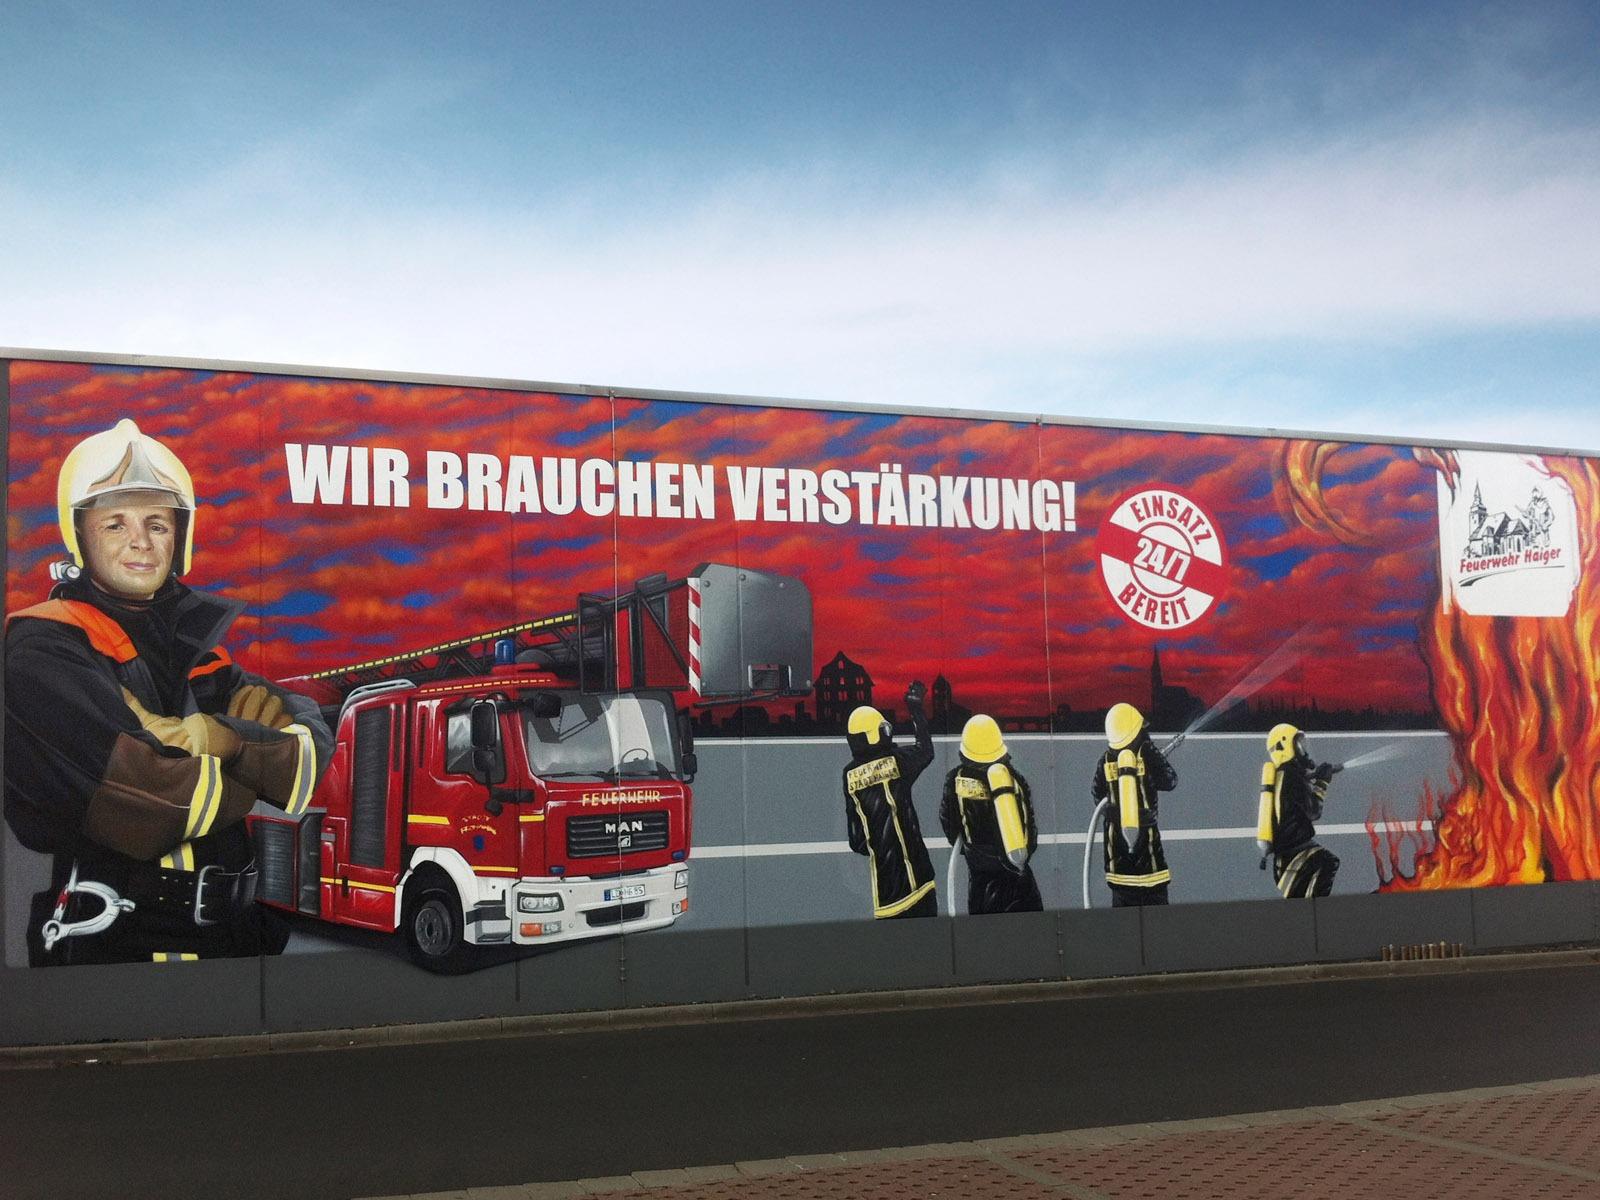 graffitikuenstler_graffitiauftrag_artmos4_feuerwehr_haiger_fotorealistisch_auto_menschen_logo